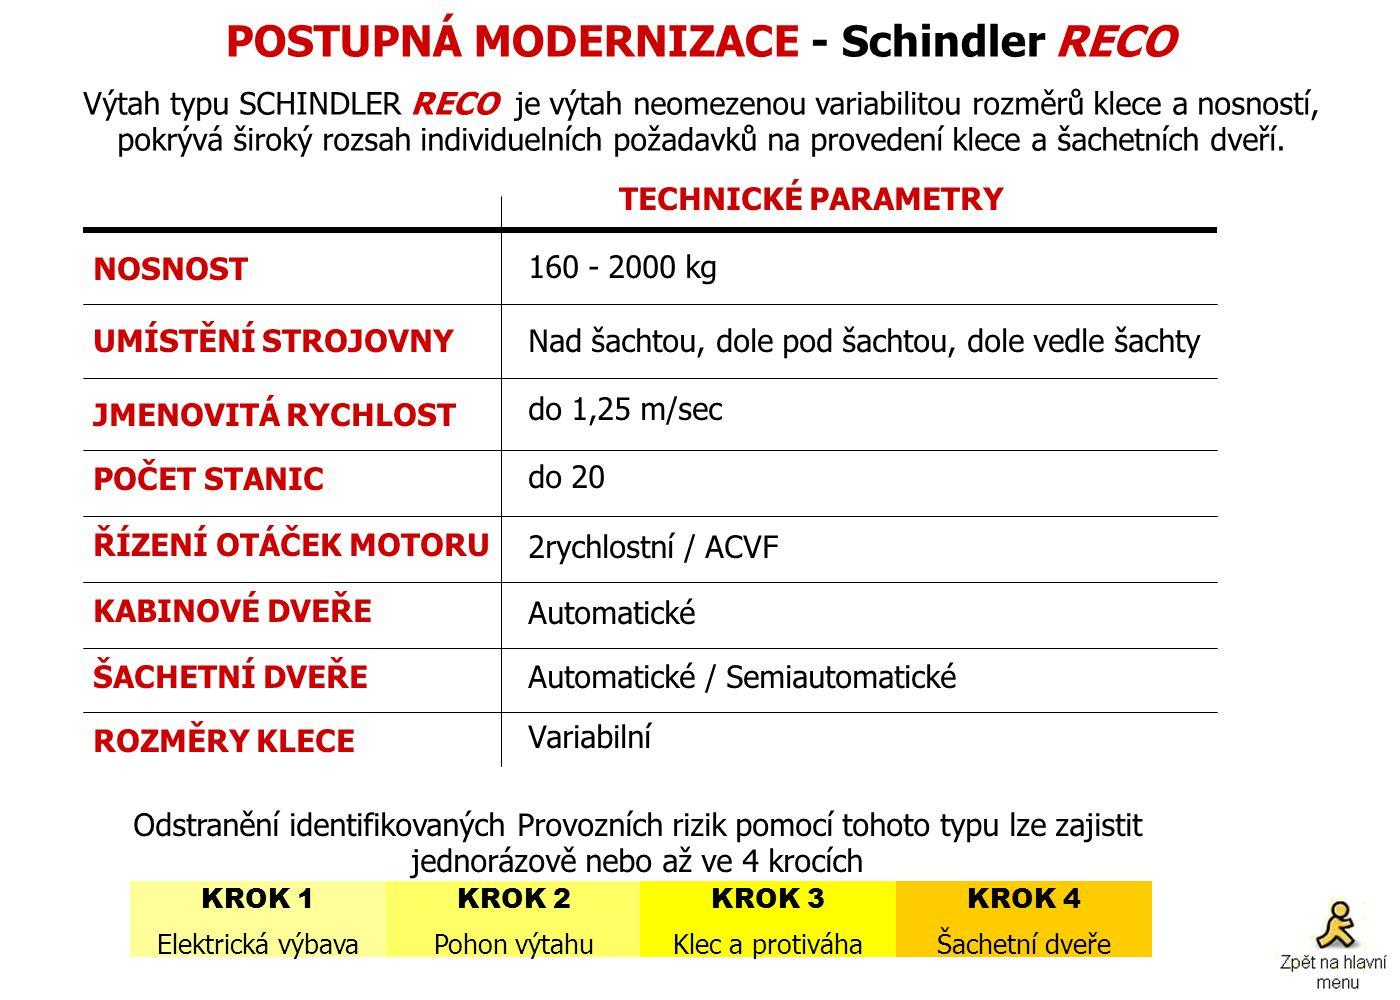 POSTUPNÁ MODERNIZACE - Schindler RECO